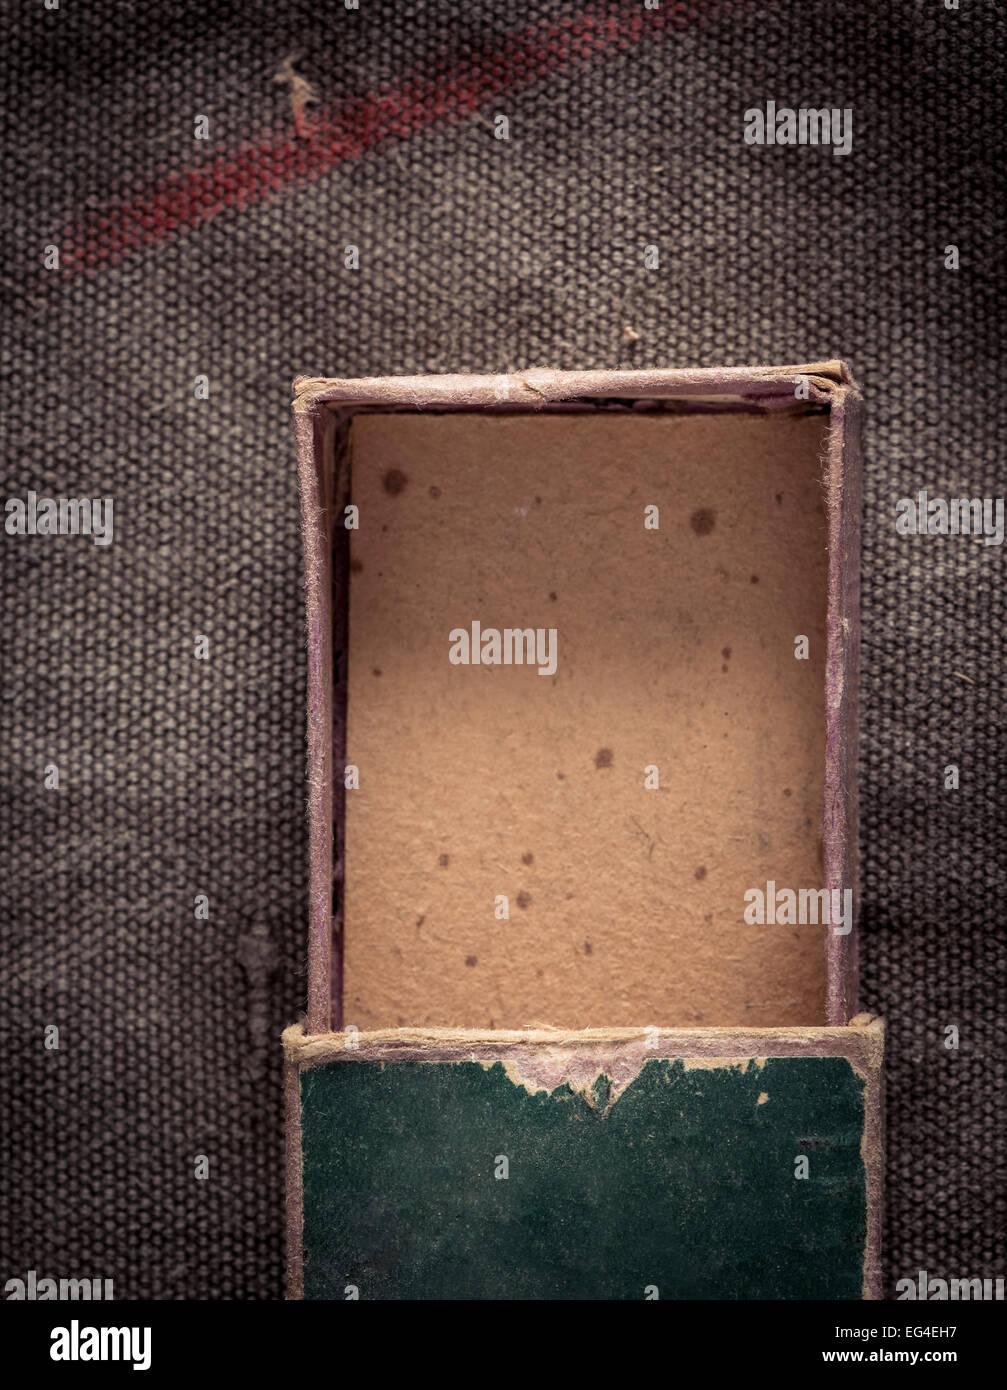 Vue de dessus de l'ouverture et à l'ancienne boîte de papier vide. Photo Stock